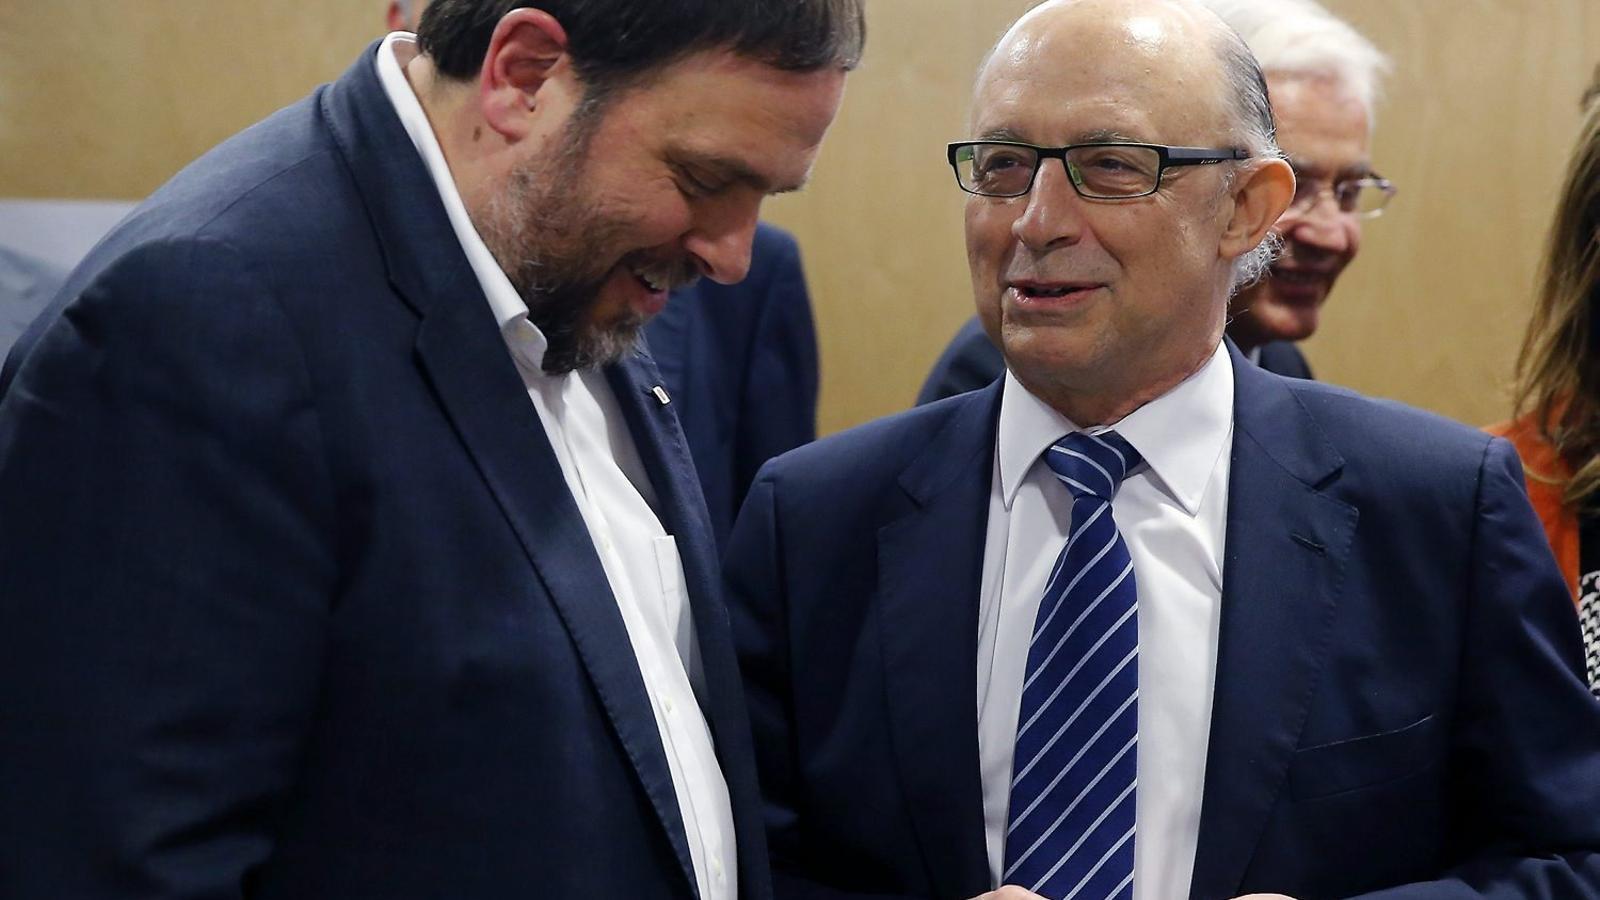 Intervenció total: Hisenda es queda amb la gestió de 4.500 M€ del pressupost de la Generalitat